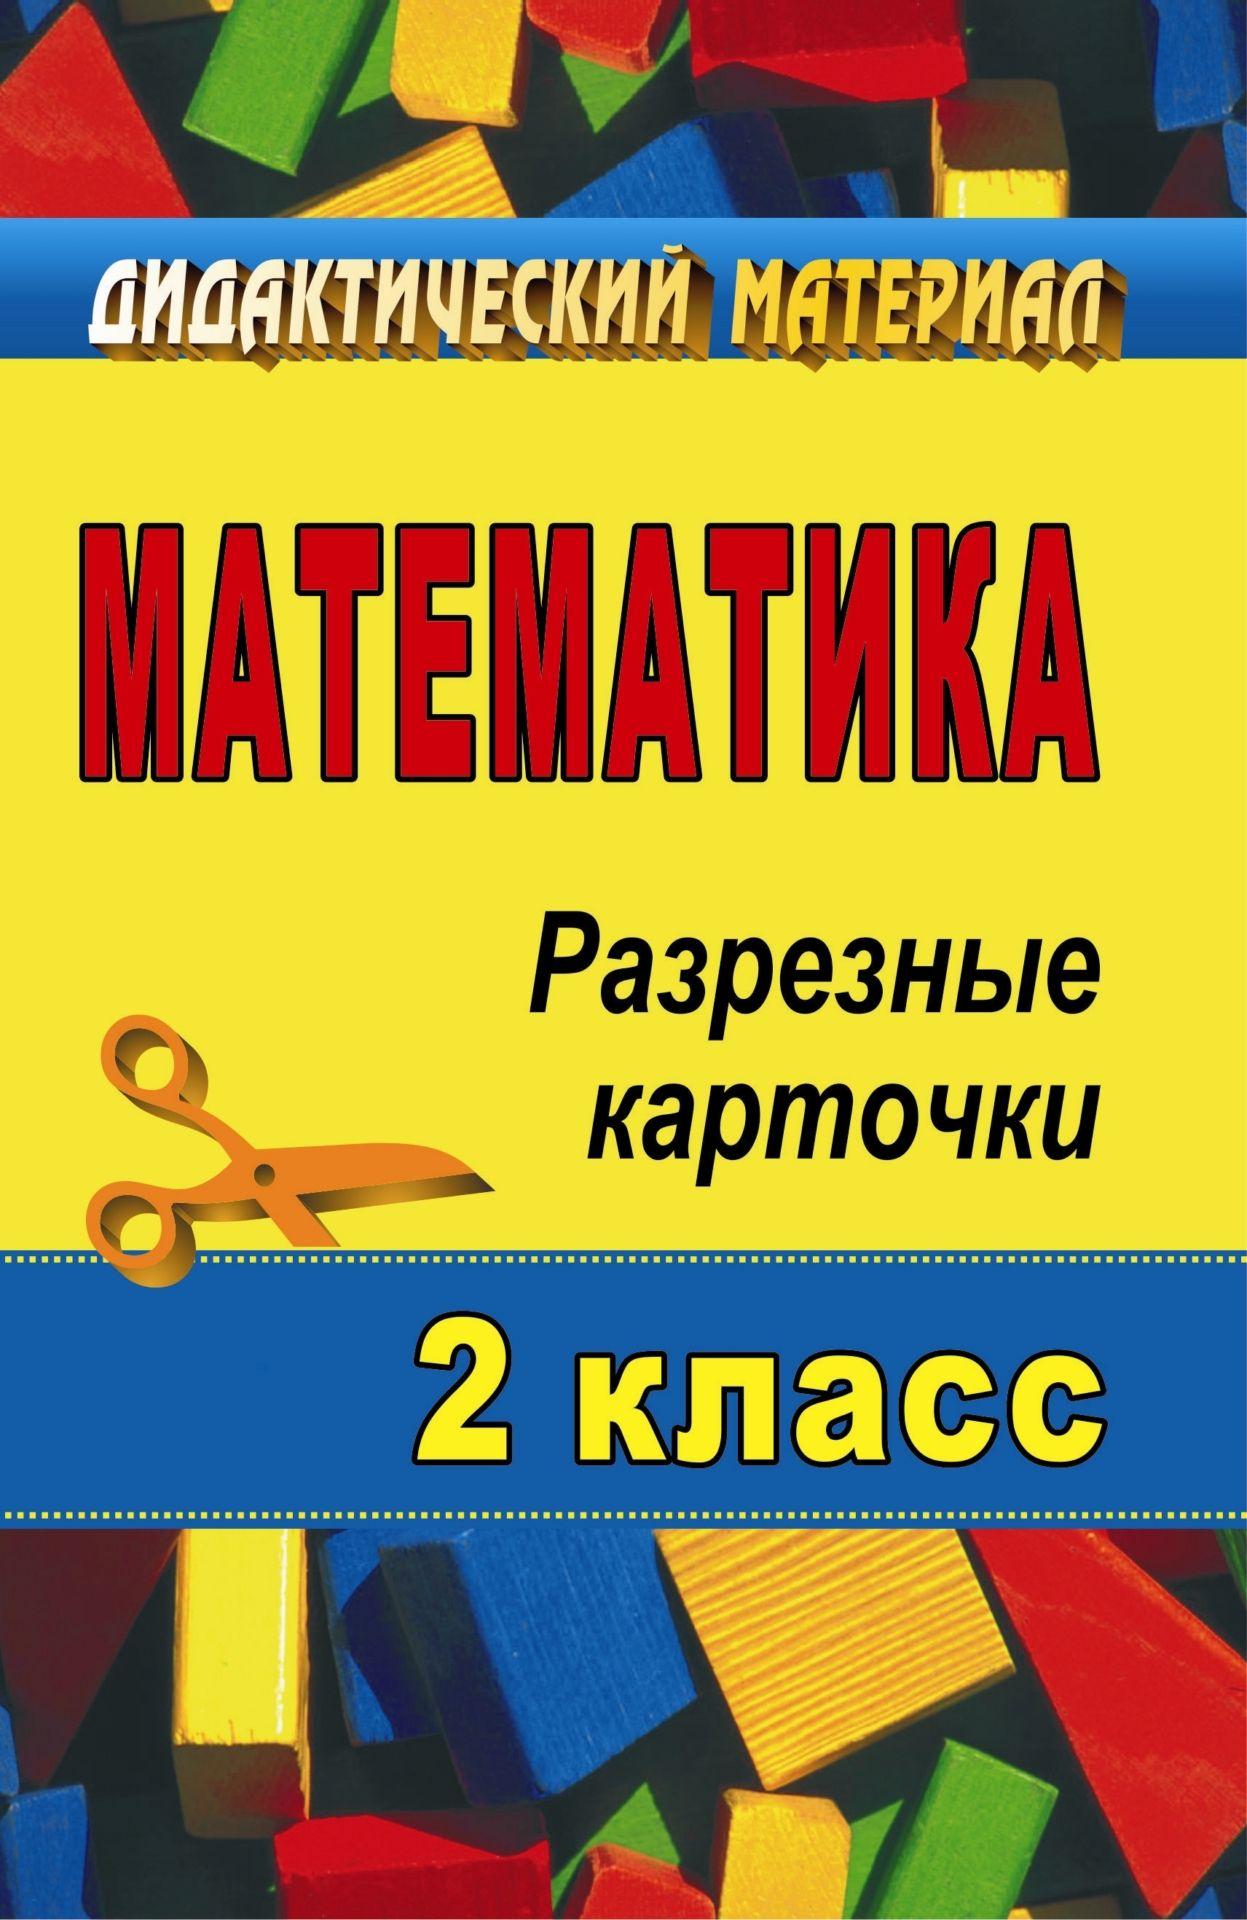 Математика. 2 класс: разрезные карточкиНачальная школа<br>В настоящем пособии предложен дидактический материал по математике для 2 класса. Задания-карточки предназначены для организации самостоятельной дифференцированной работы обучающихся и содержат разнообразный материал, который может быть использован на разл...<br><br>Авторы: Стромчинская Е. М.<br>Год: 2009<br>Серия: Дидактический материал<br>ISBN: 978-5-7057-1774-3<br>Высота: 215<br>Ширина: 138<br>Толщина: 7